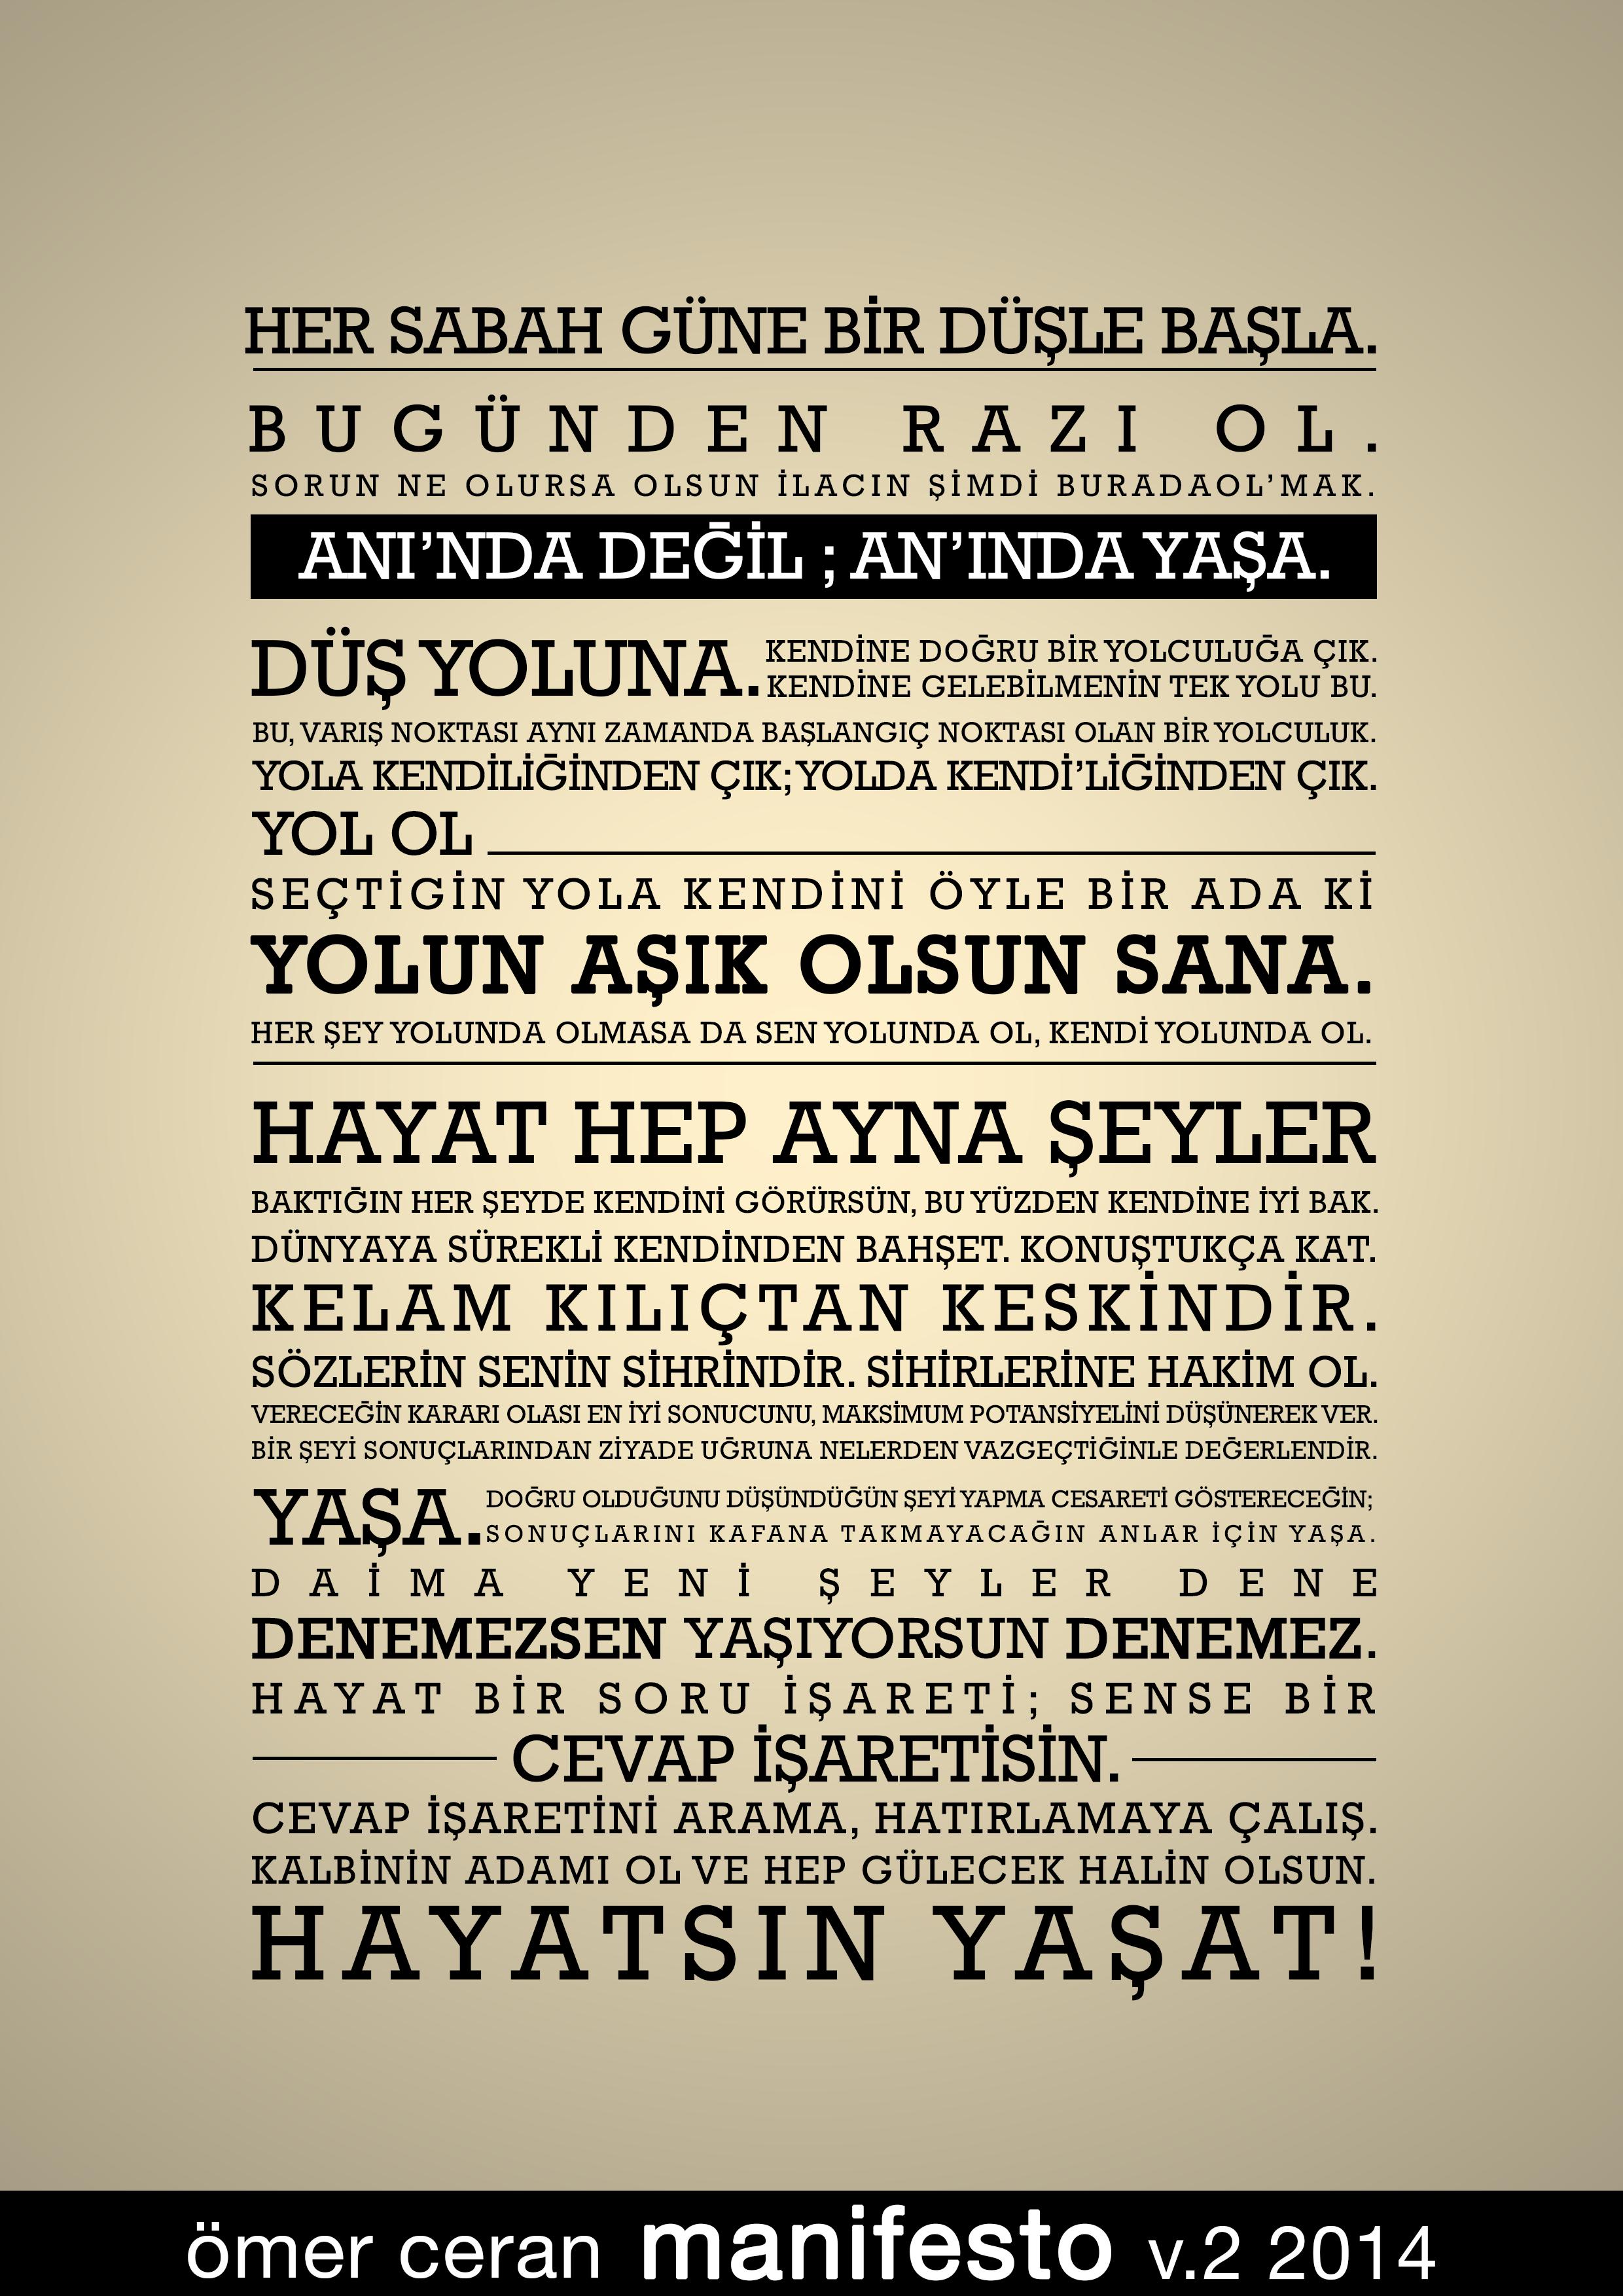 Ömer Ceran Manifesto v3